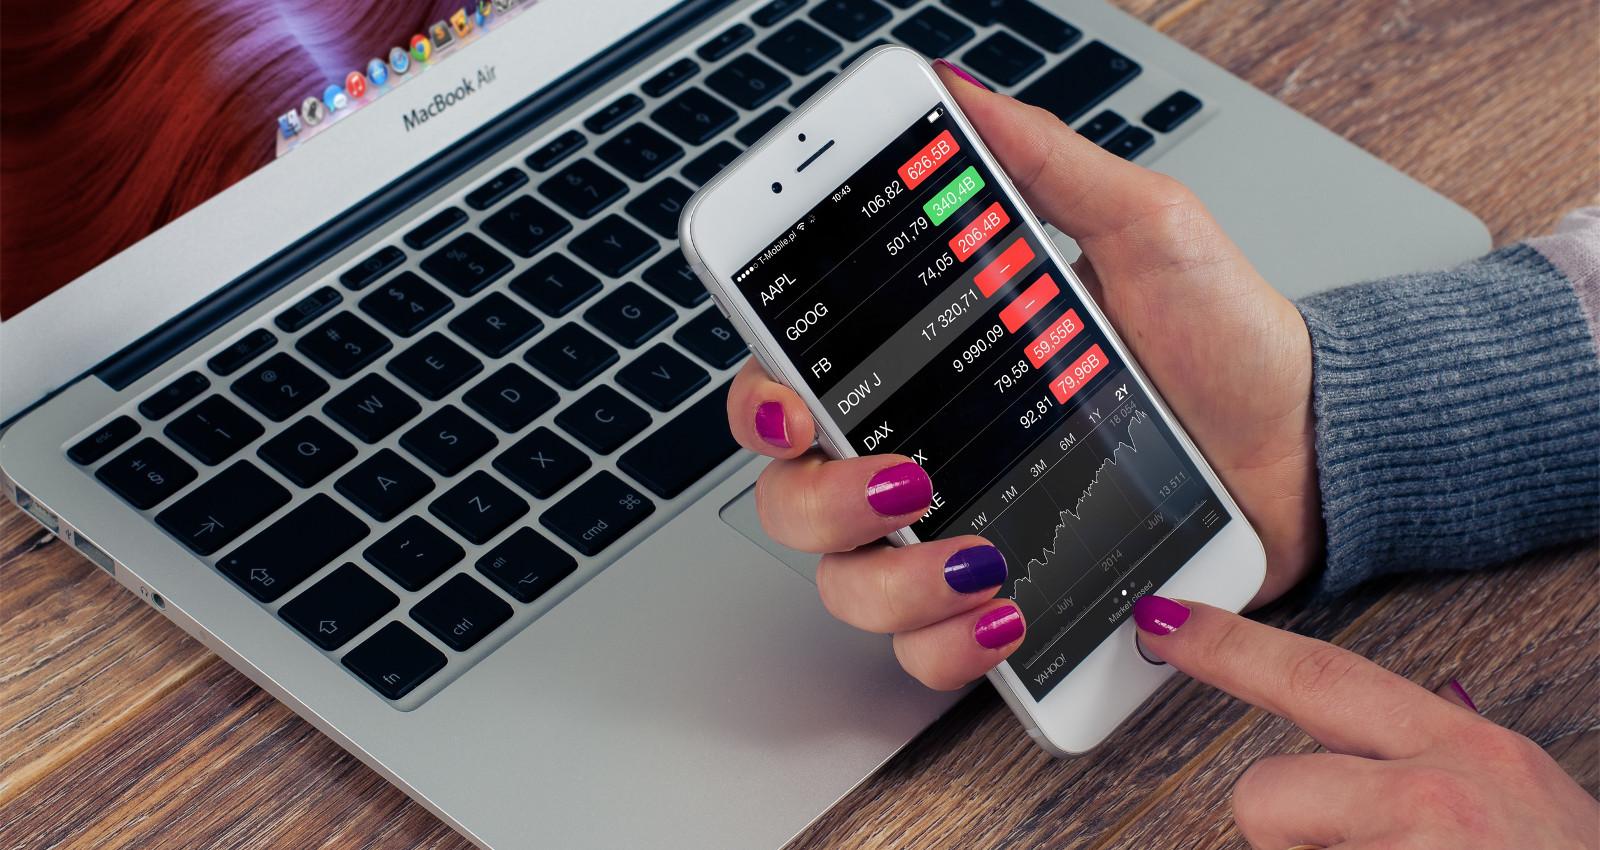 Finanzen über das Smartphone steuern